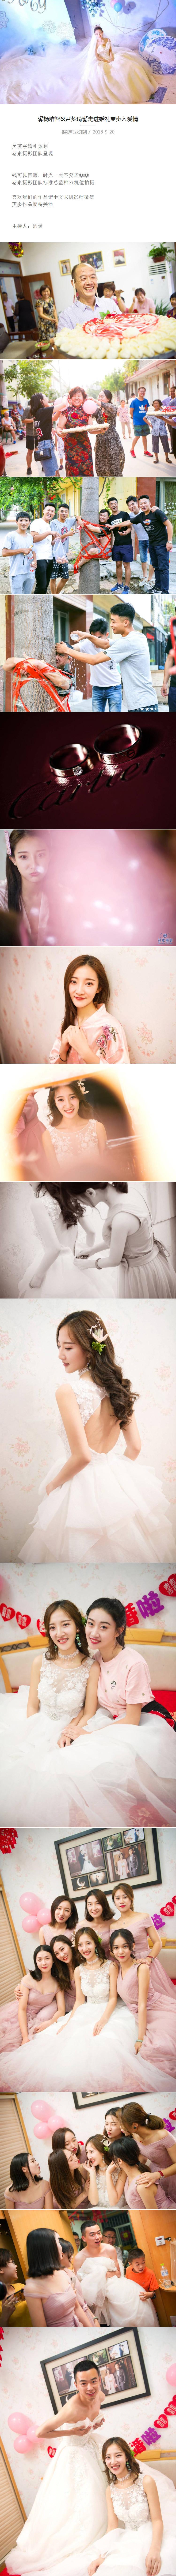 杨群智&尹梦琦走进婚礼步入爱情